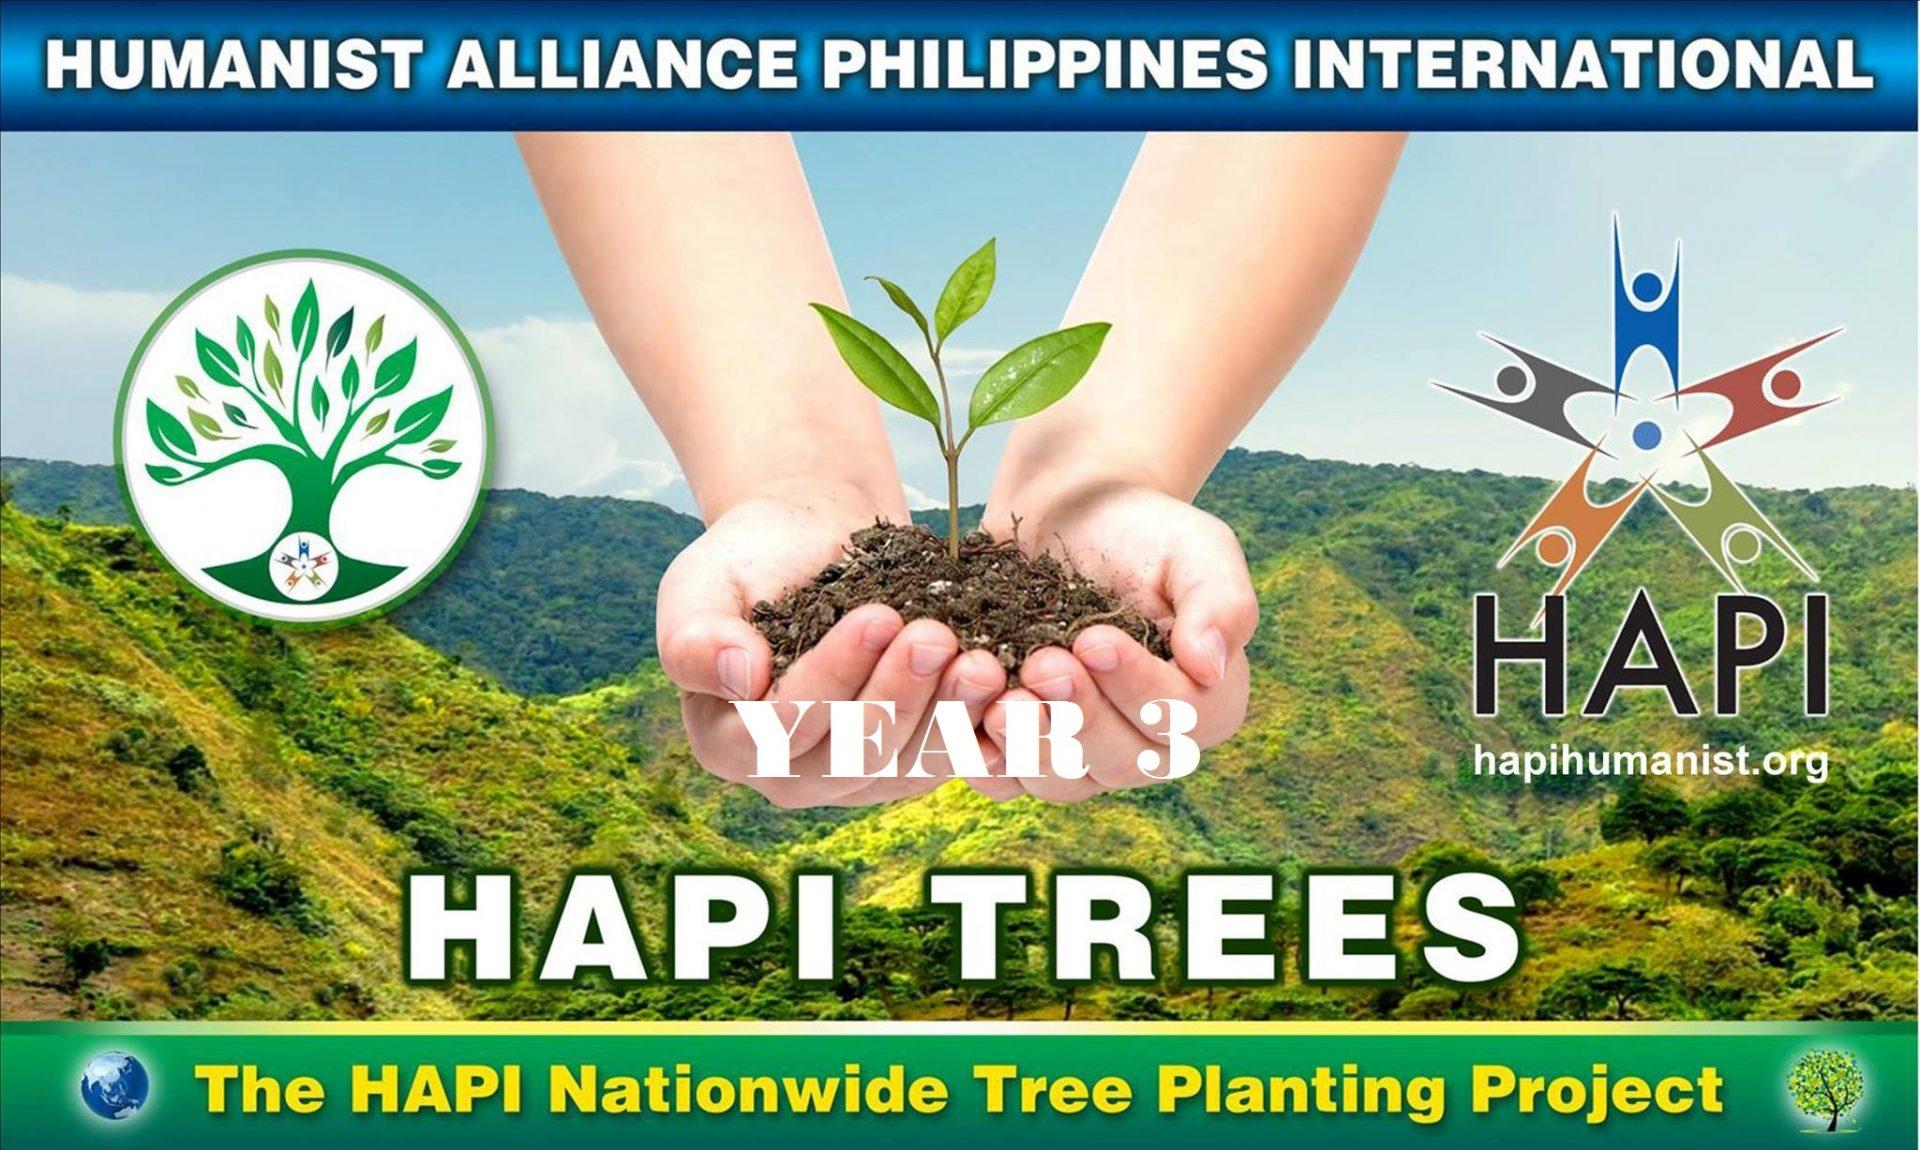 hapi-trees-year-3